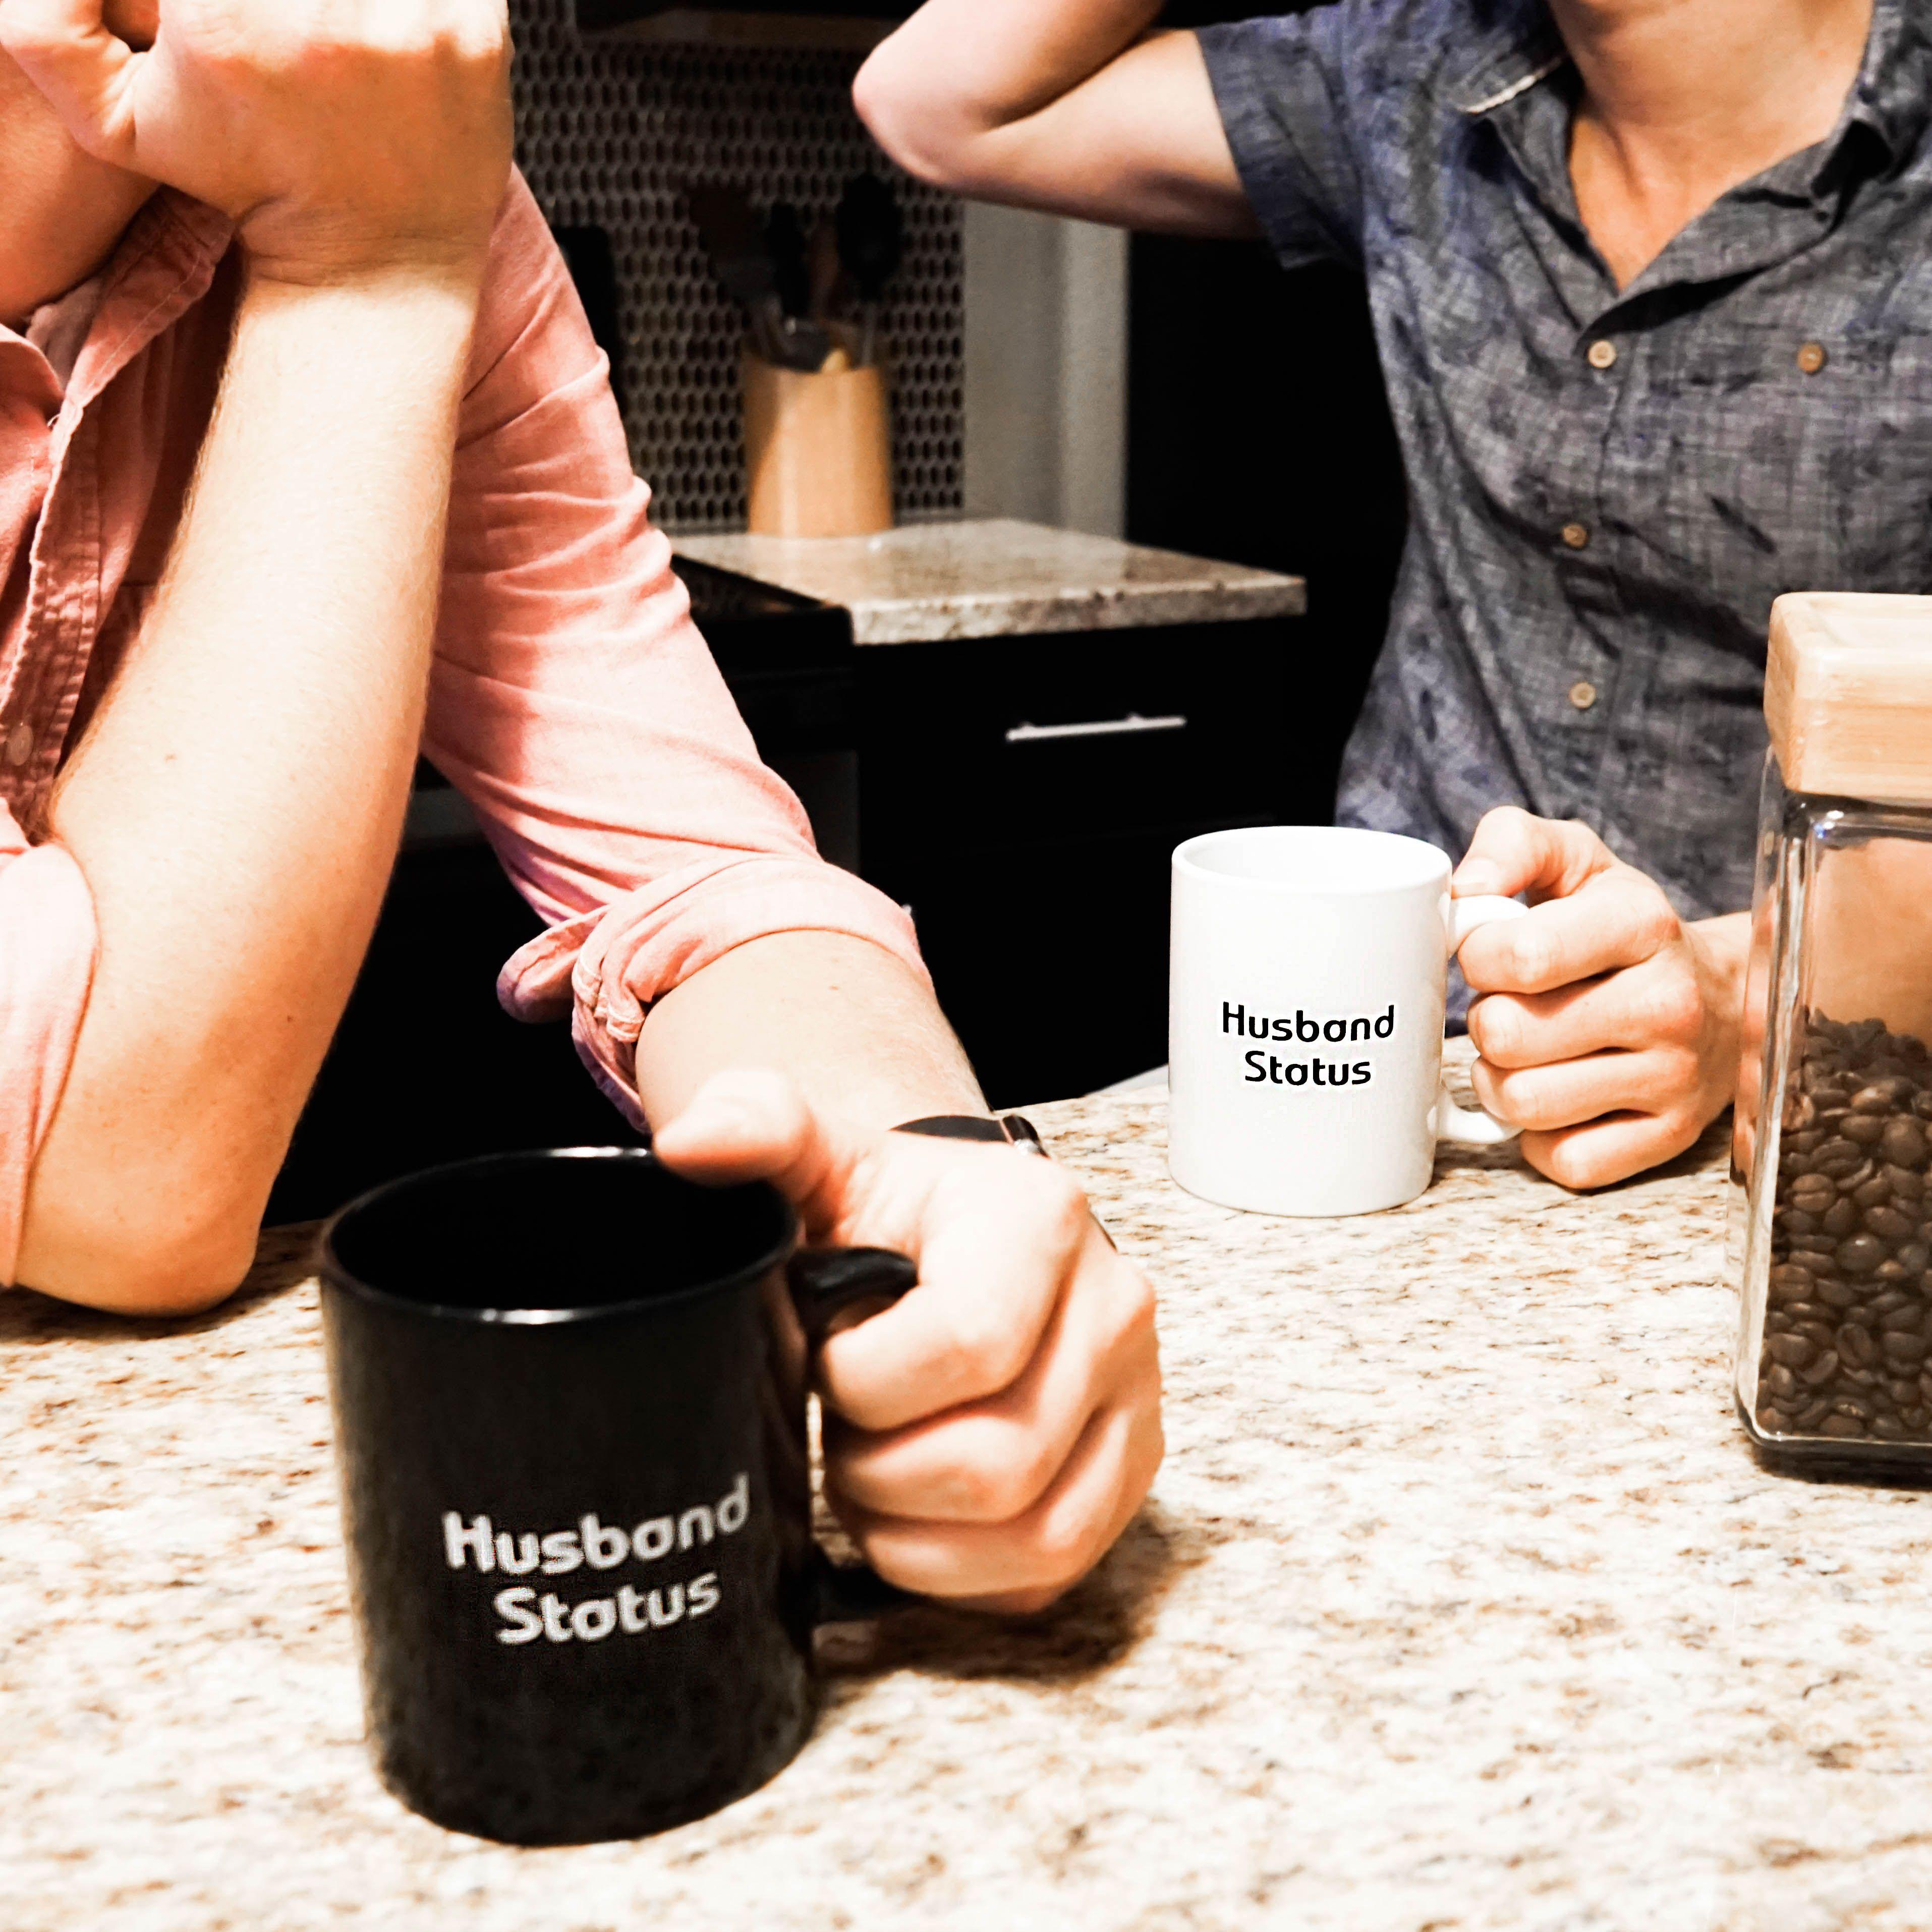 Gay Husband Status Mugs Great Gay Wedding Gift Gay Southern